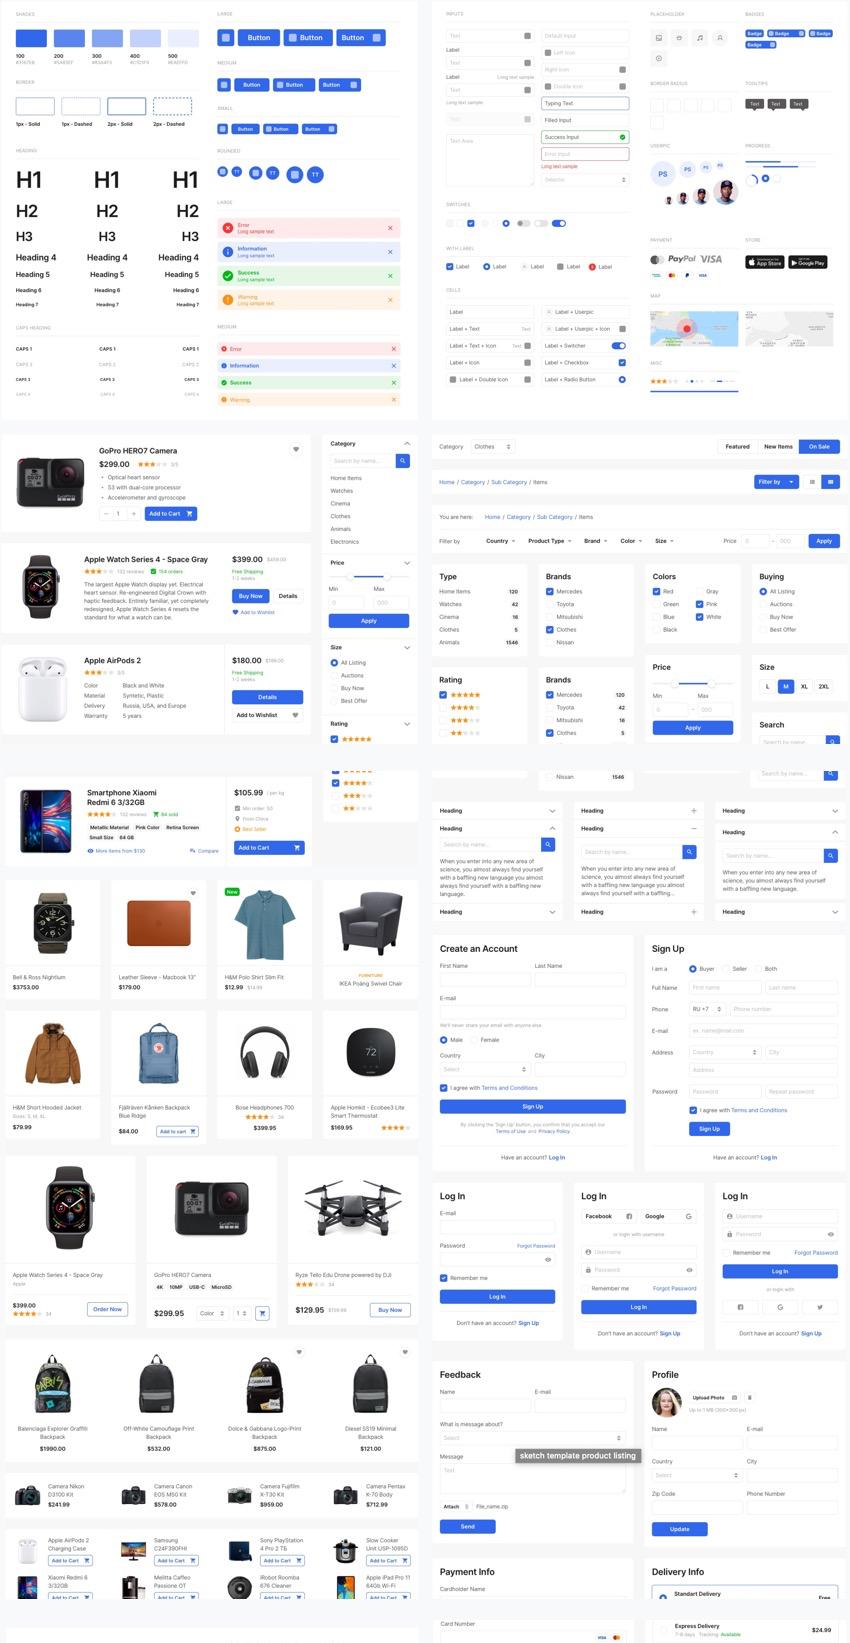 E-commerce UI kit for Sketch designers